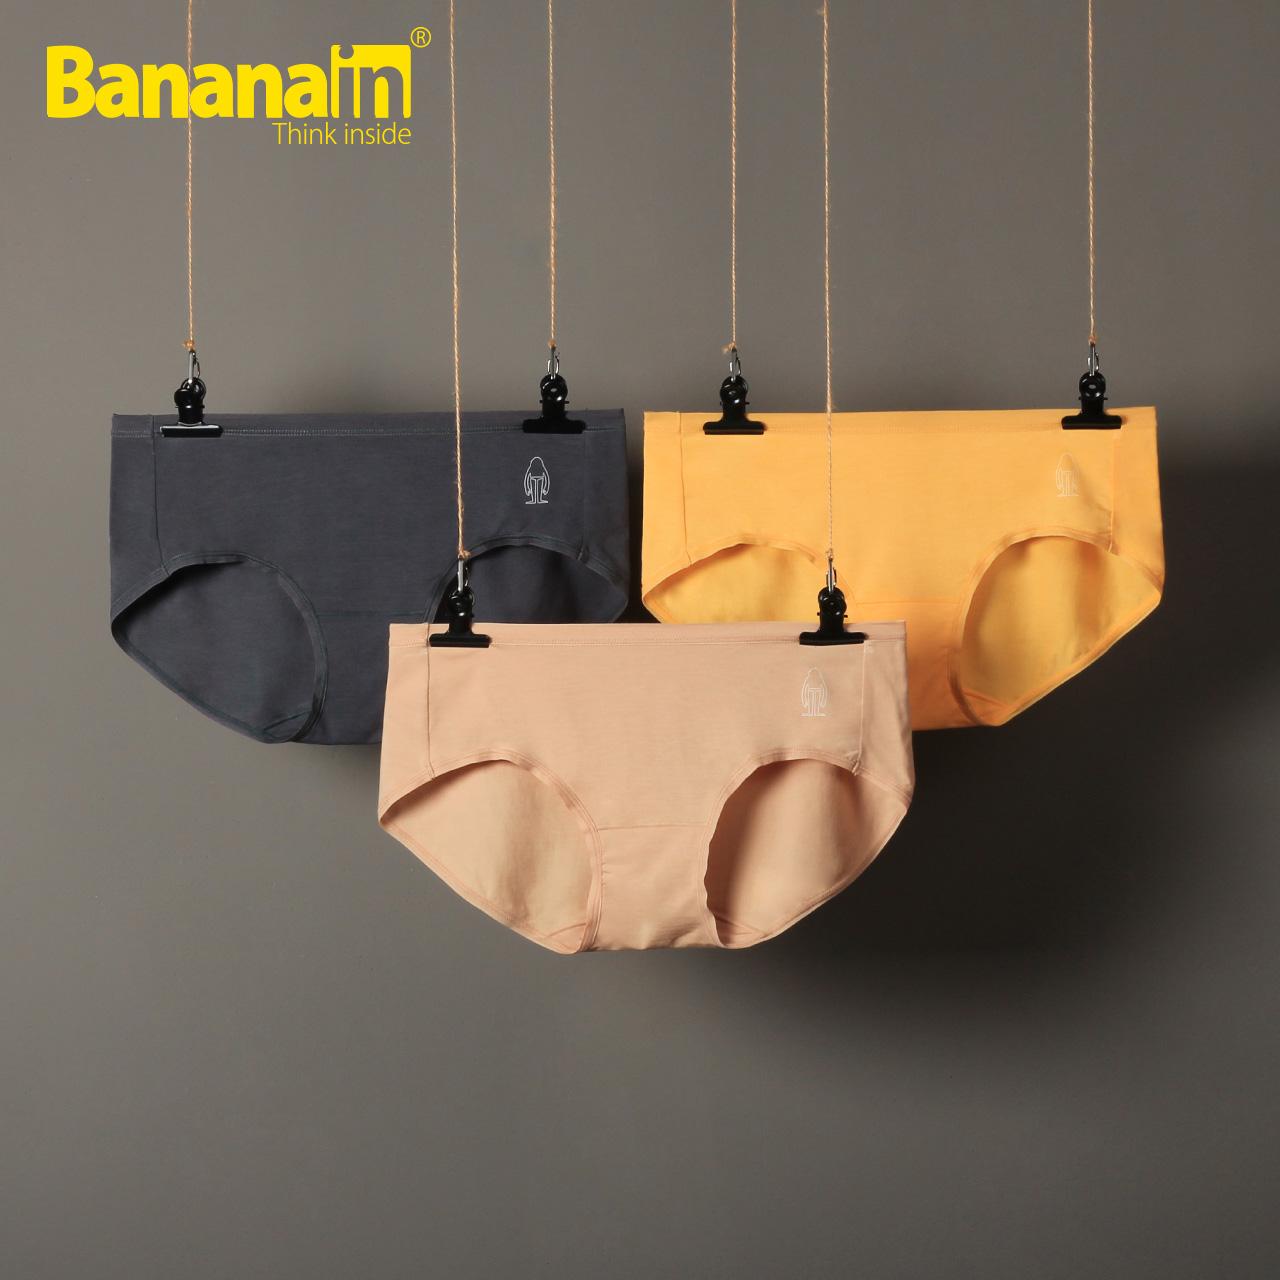 3-gói Bananain chuối 500E modal băng lụa giữa eo thoải mái liền mạch tam giác đồ lót của phụ nữ